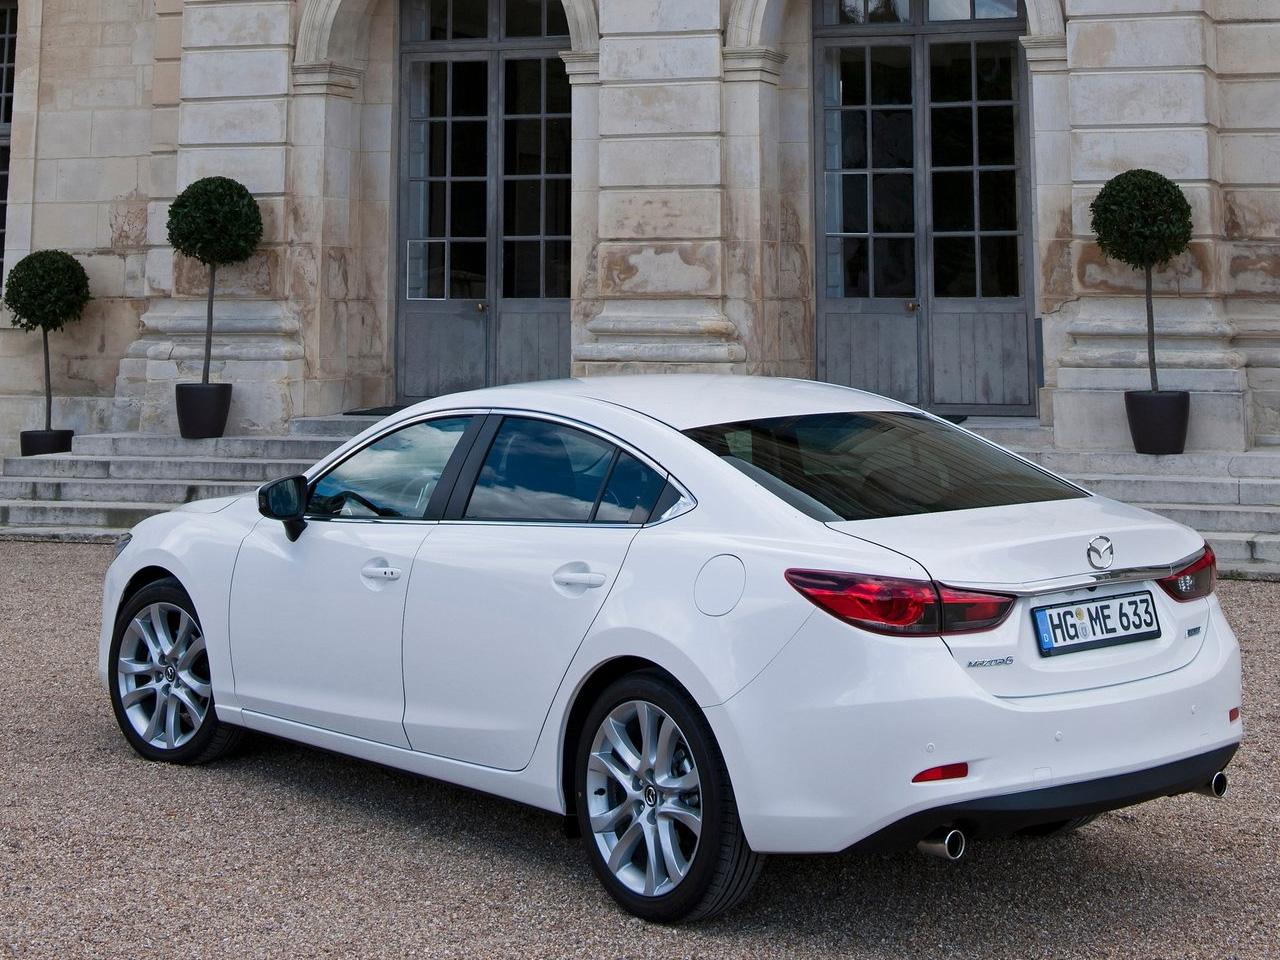 2013 Mazda 6 Sedan ~ Cars Info